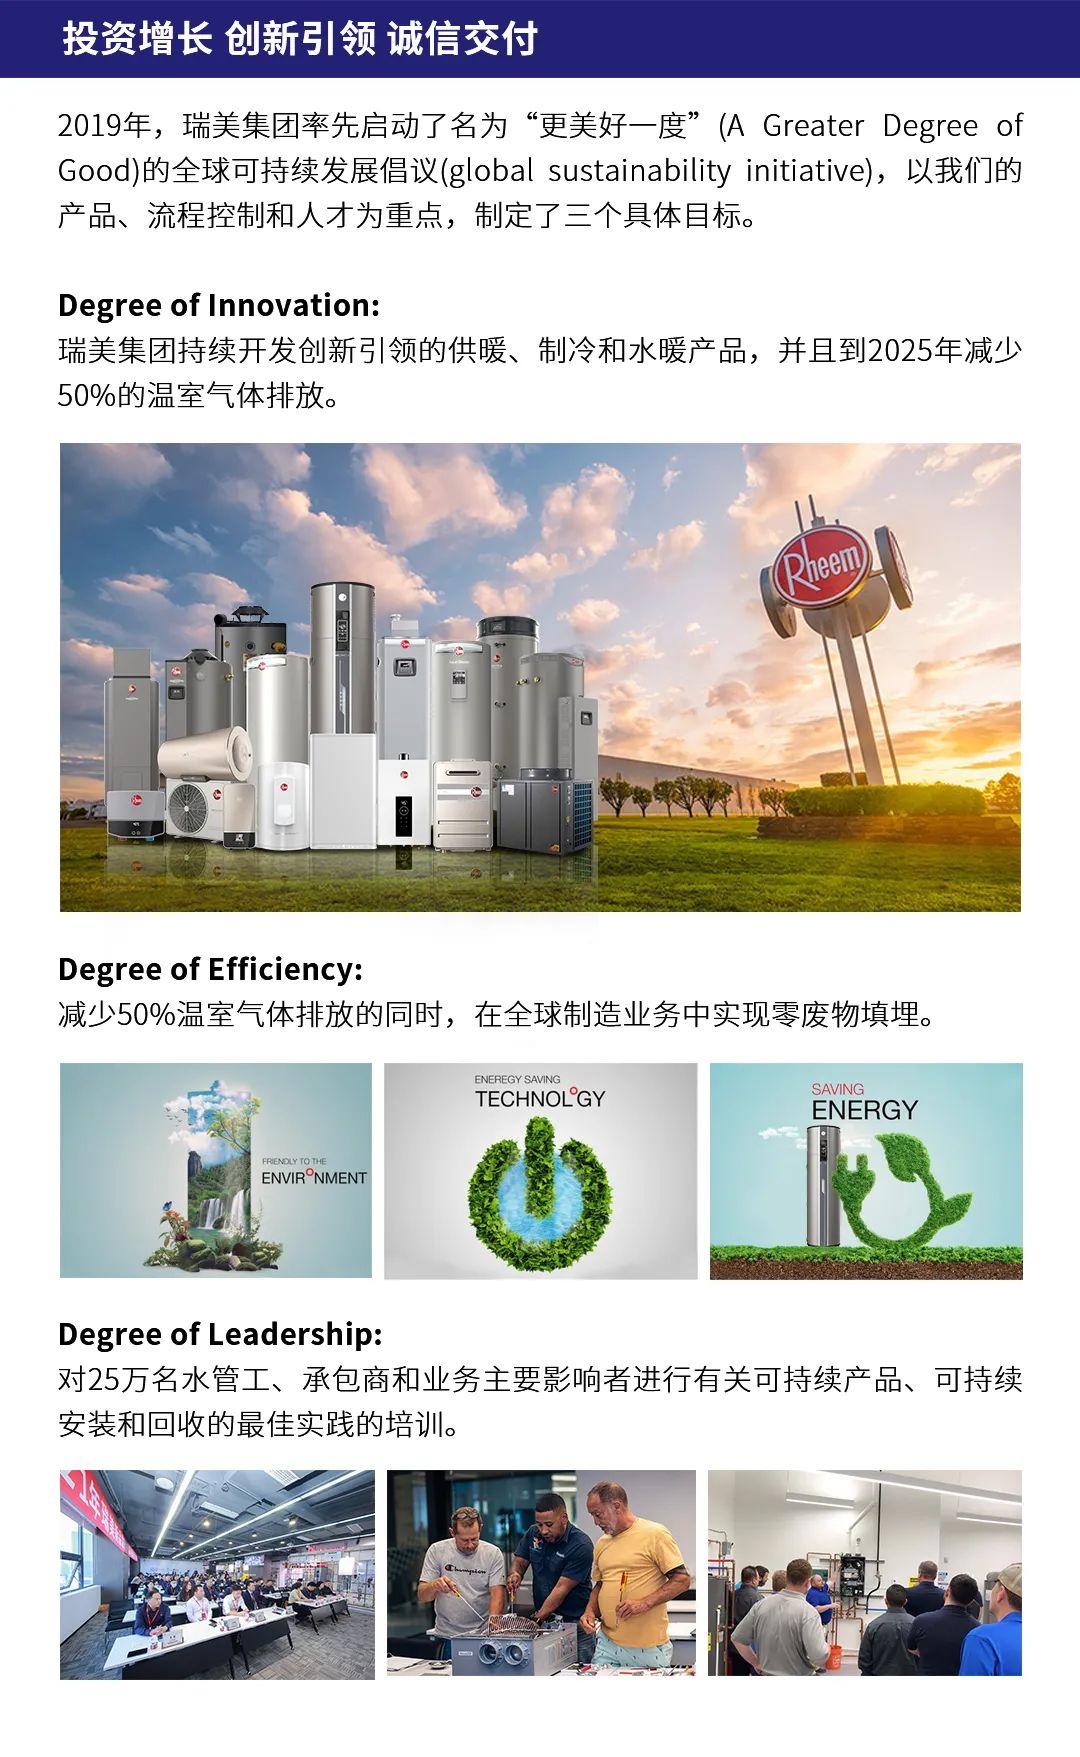 双碳背景下,中国舒适人居市场的智能化进程3